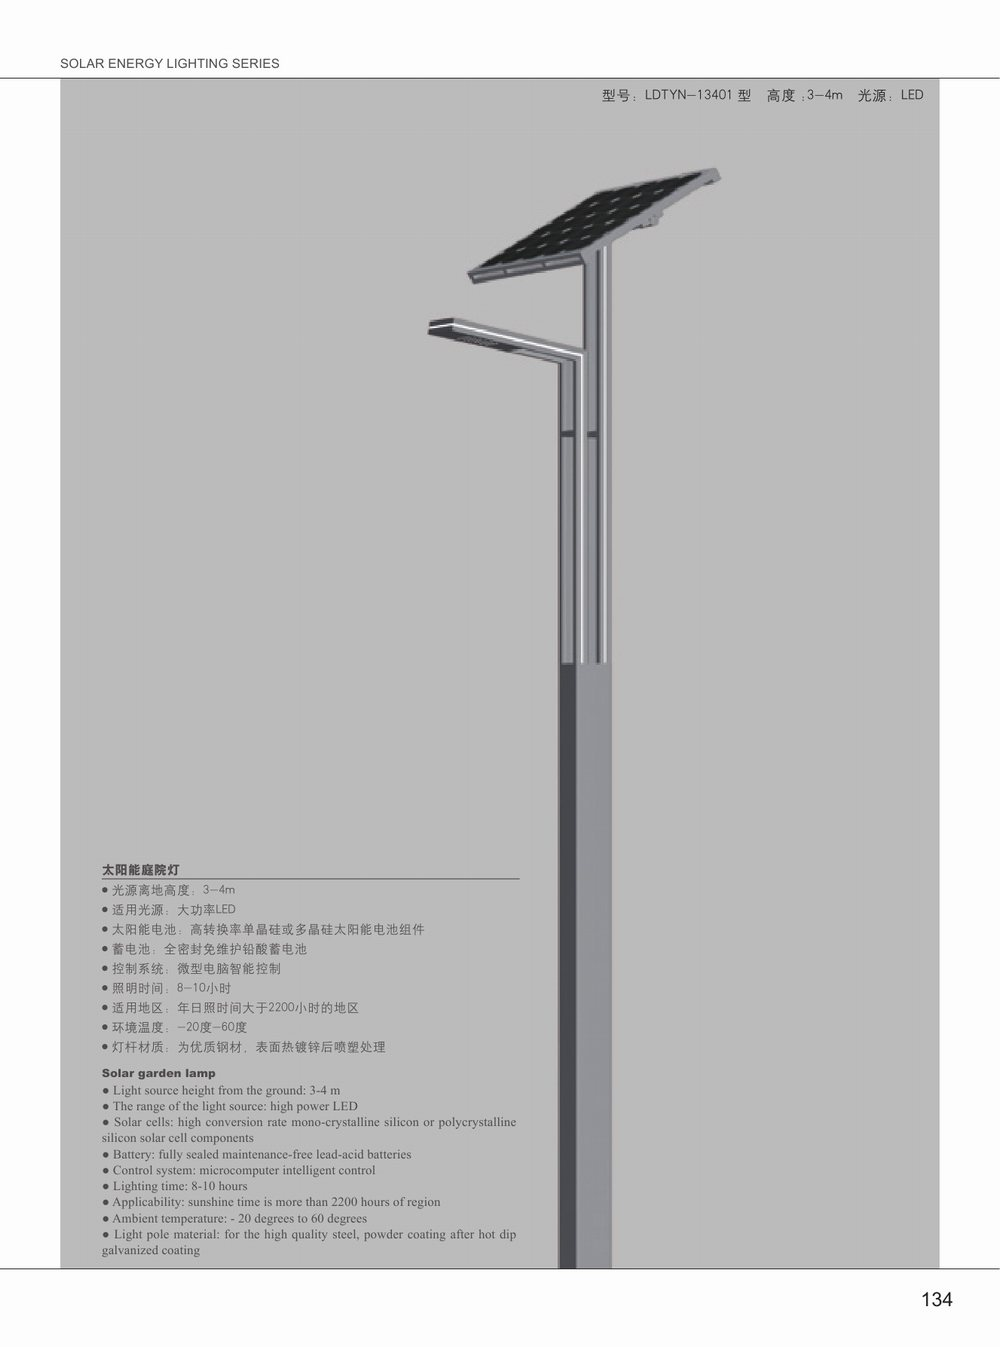 太阳能照明系列-039